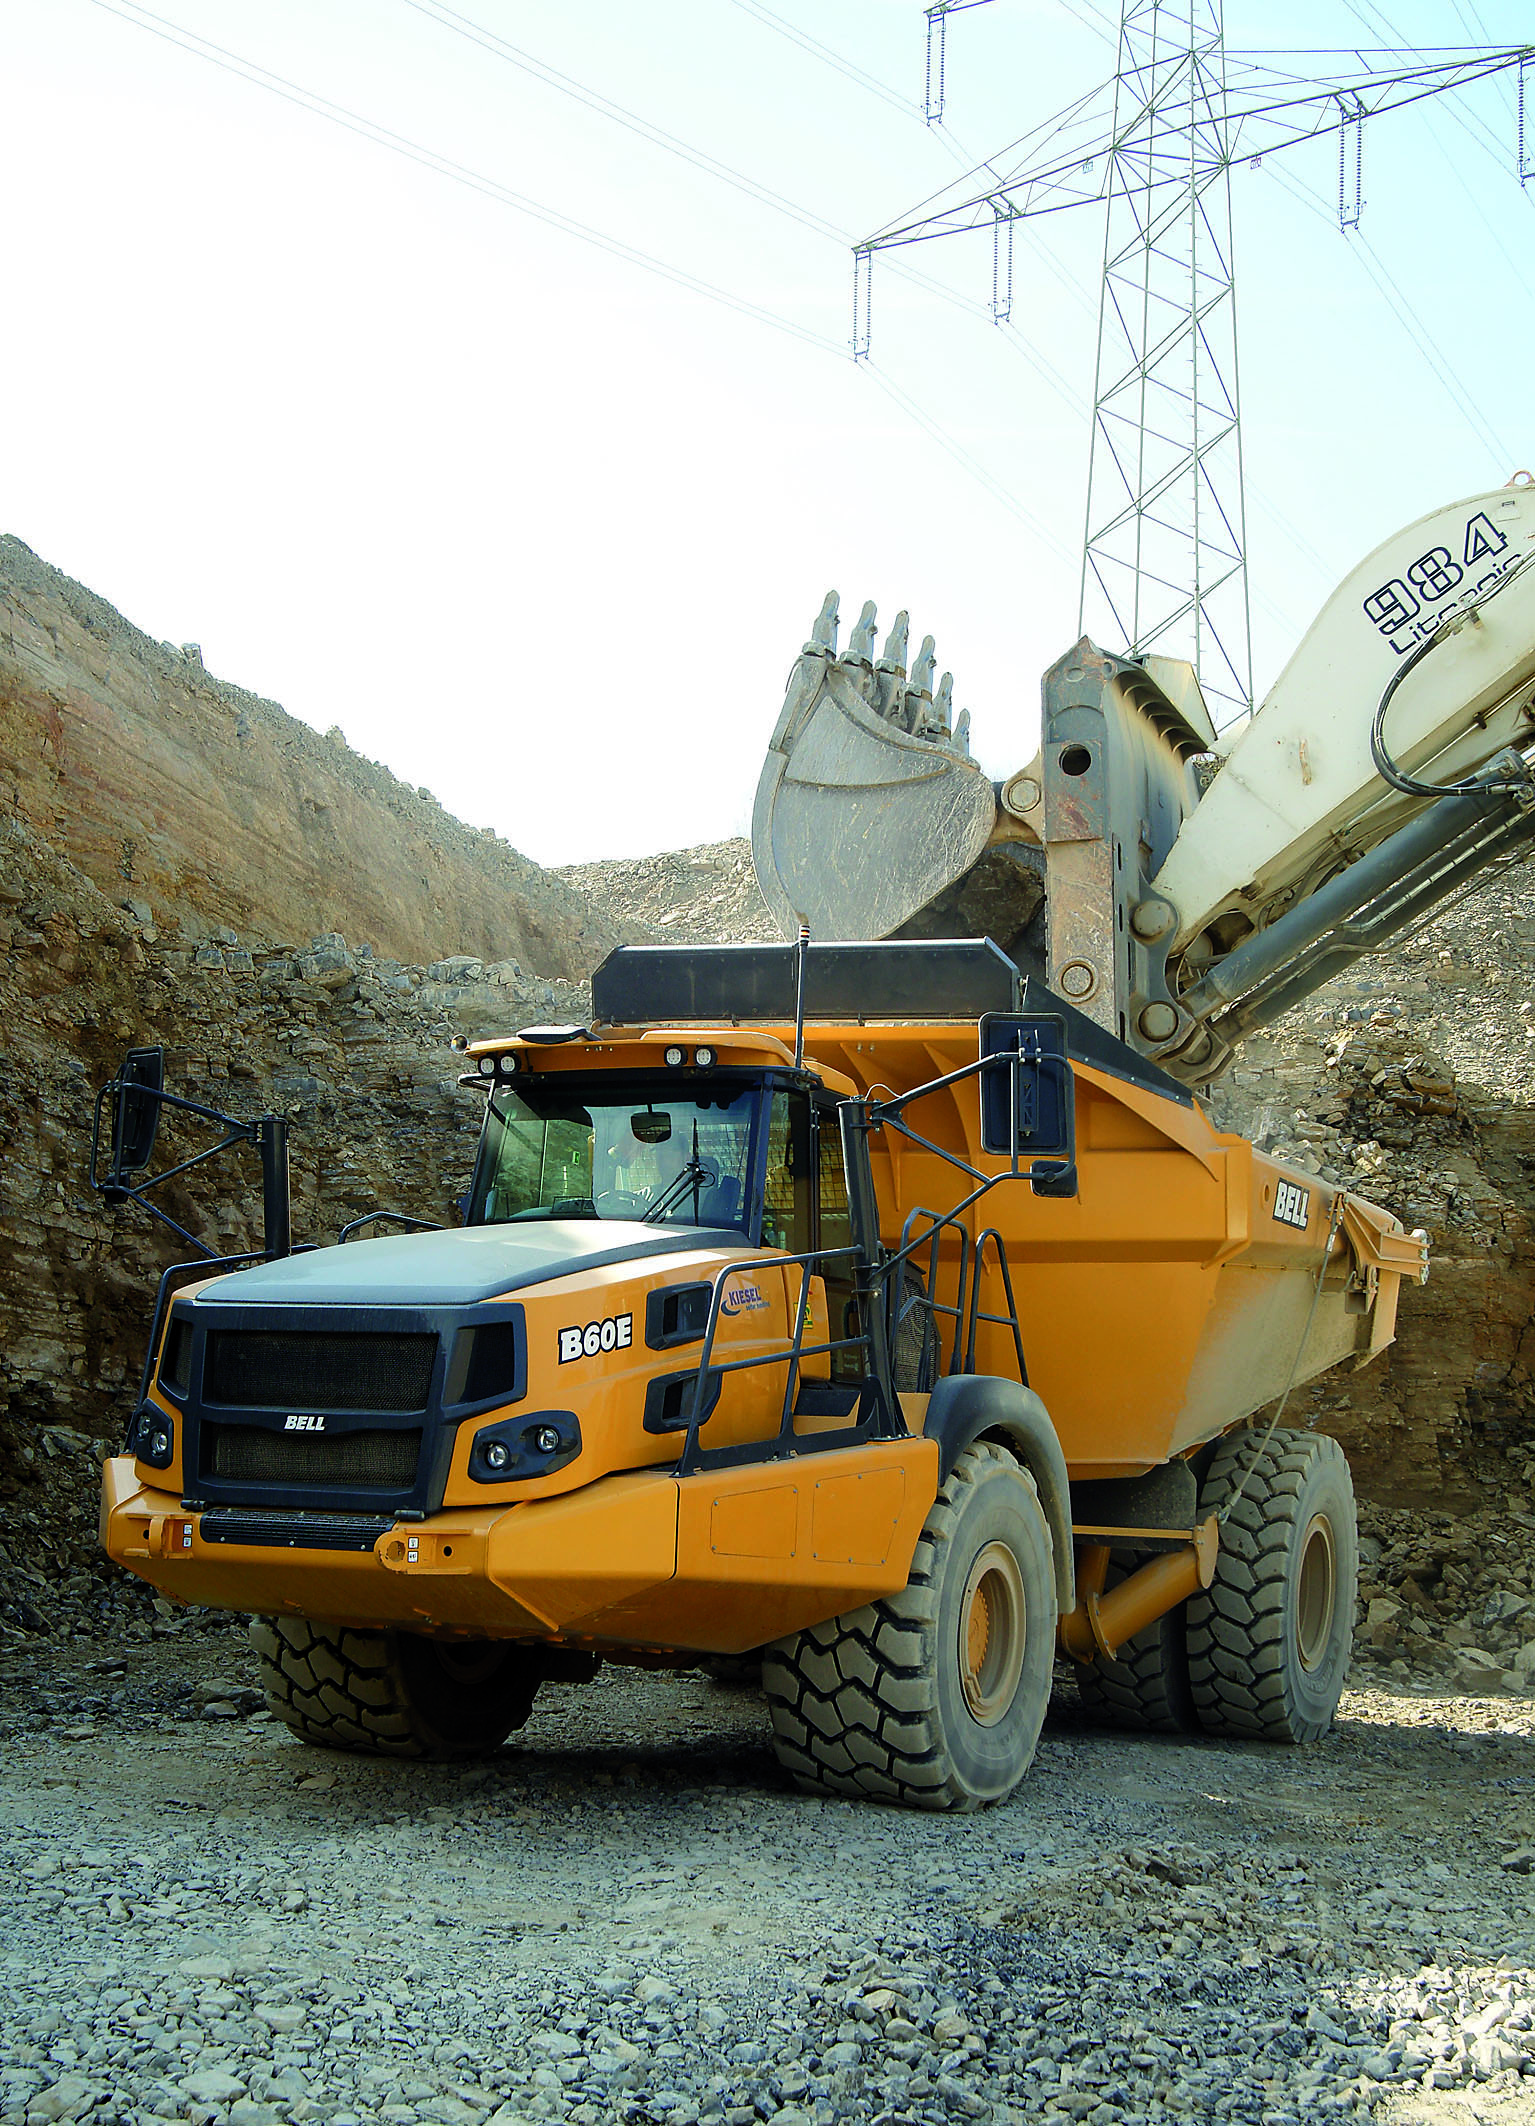 Im Steinbruch zuhause: Ohne große Rangierarbeit beschleunigt der Bell B60E das Laden des zuvor gerissenen Muschelkalks. Vier Ladespiele des 7,7-m³-Hochlöffels und die 4x4-Nutzlast von 55 Tonnen ist exakt erreicht.(Foto: Bell Equipment/tb)